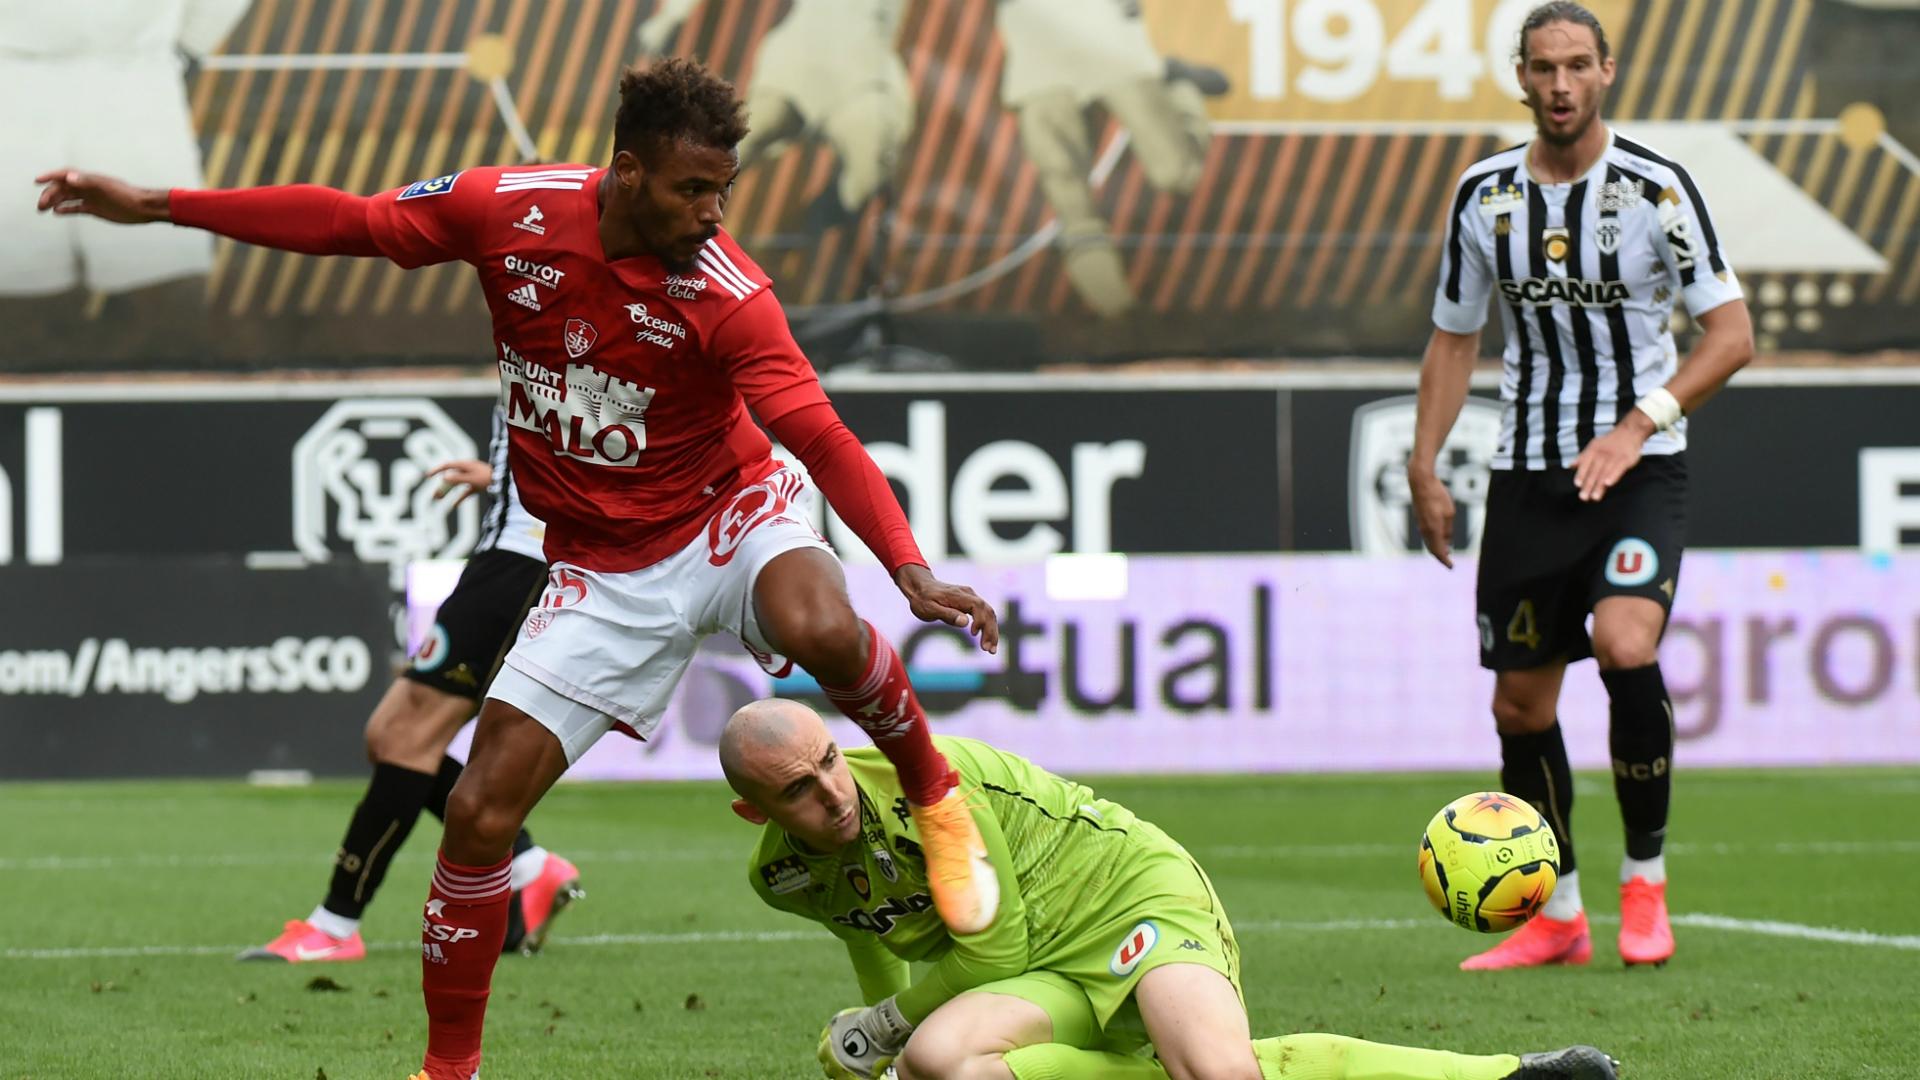 Benin star Mounie seals Brest emphatic victory over Saint-Etienne